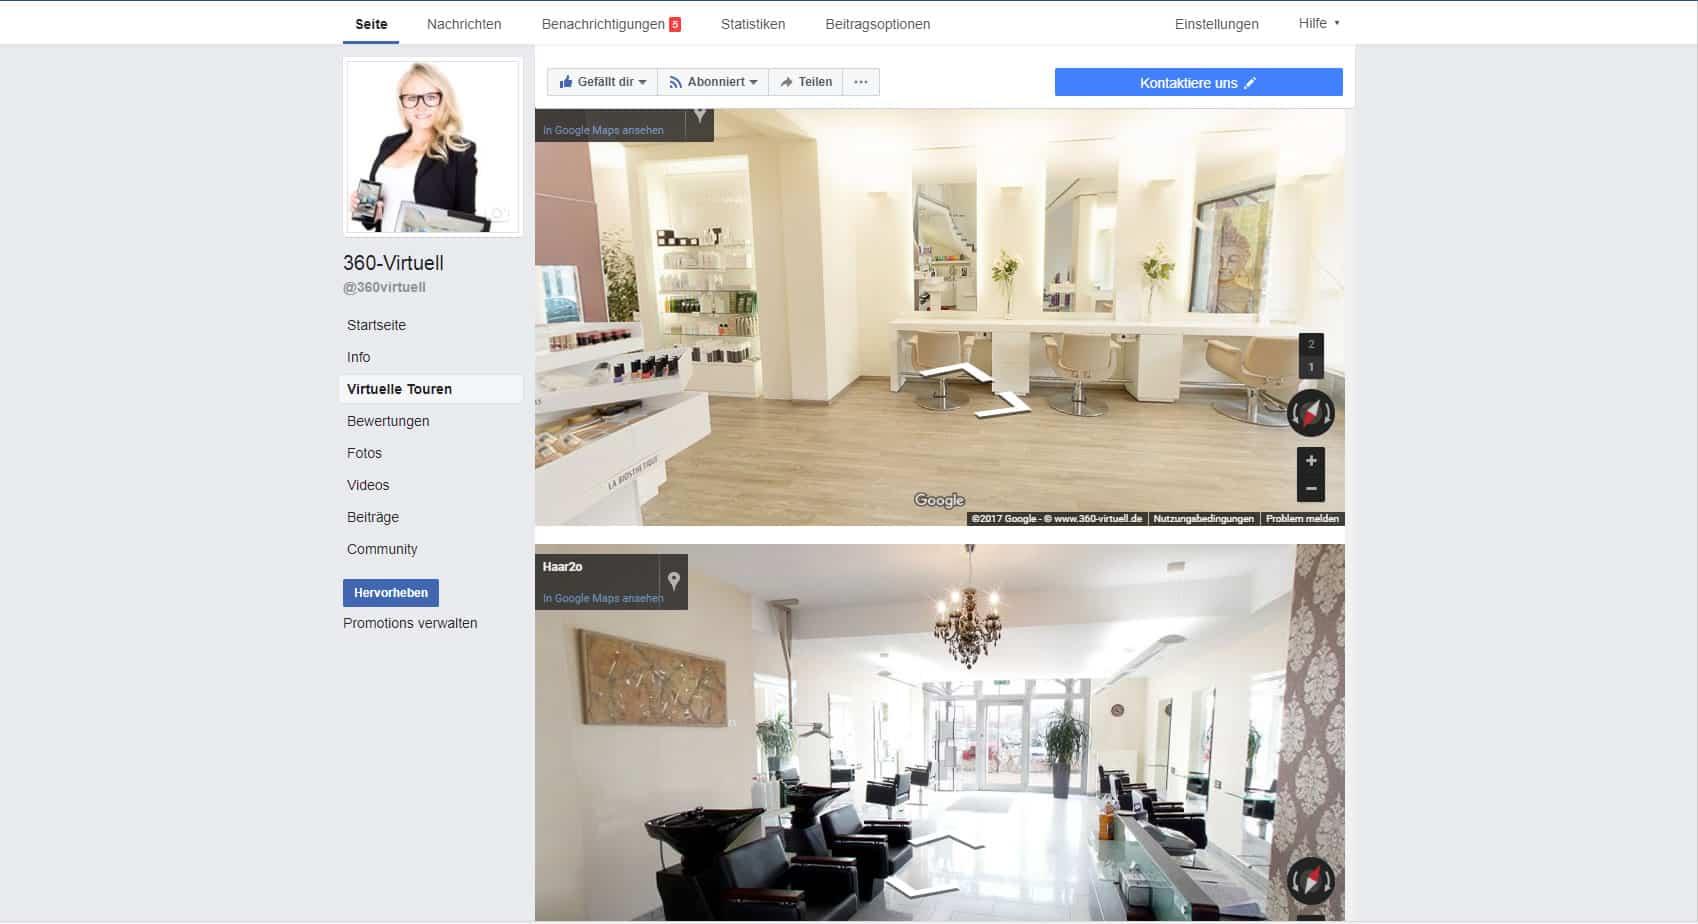 360 Grad Rundgang durch ein Friseursalon bei Facebook